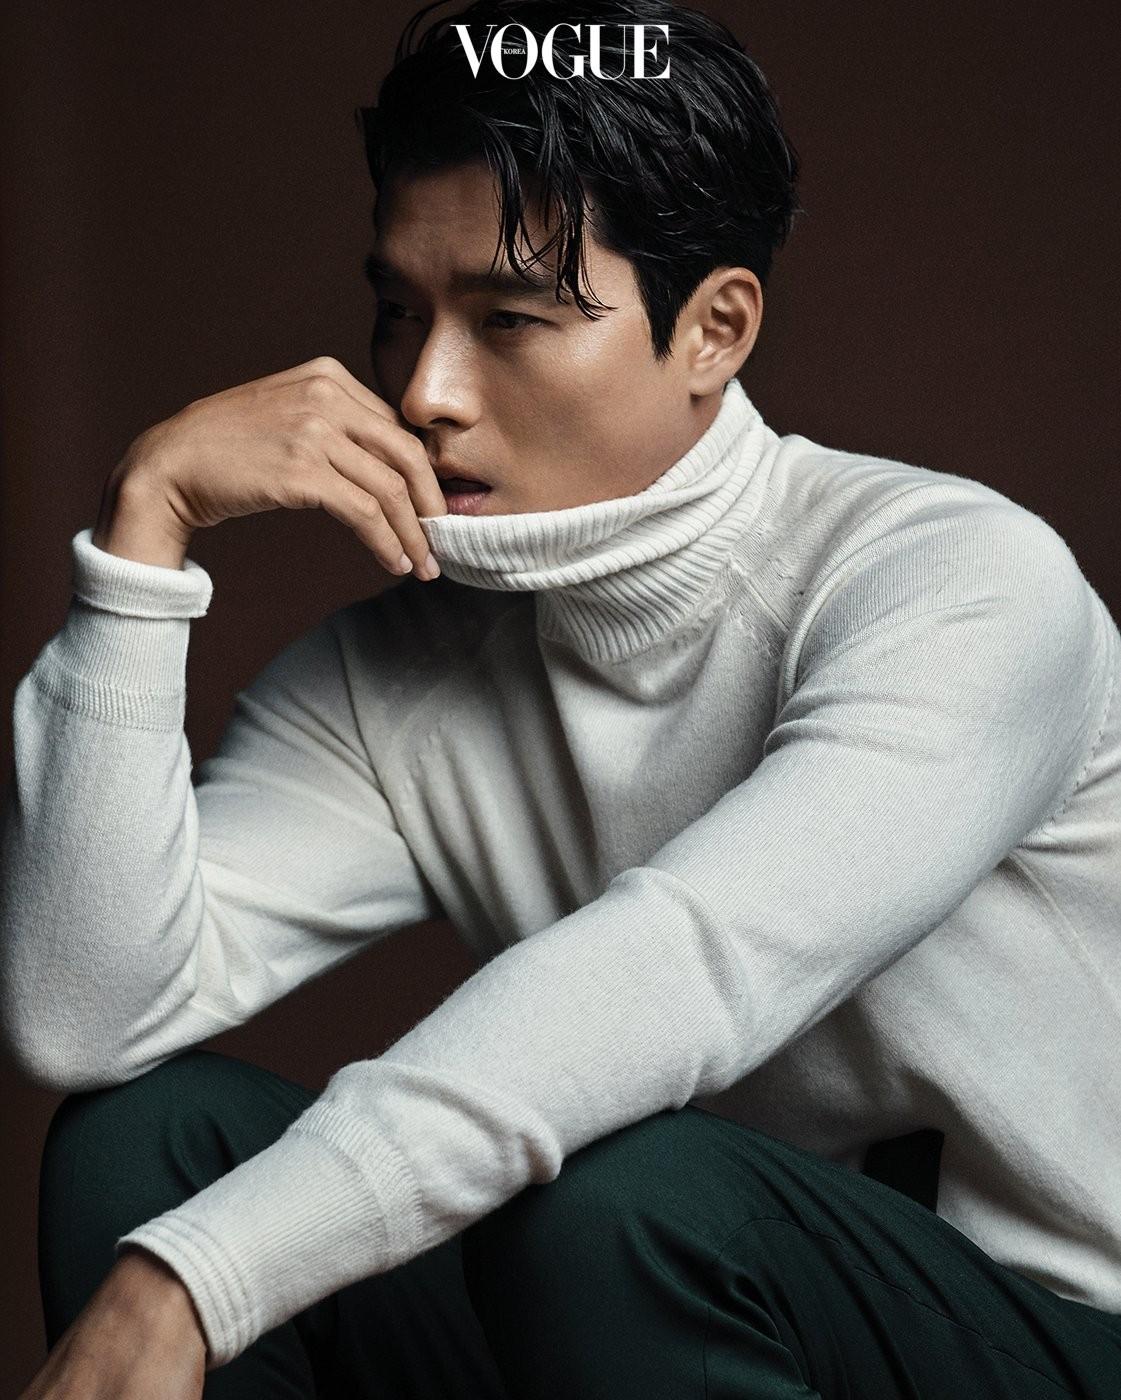 'Chị đẹp' Son Ye Jin tình tứ bên bạn trai cũ của Song Hye Kyo ảnh 8